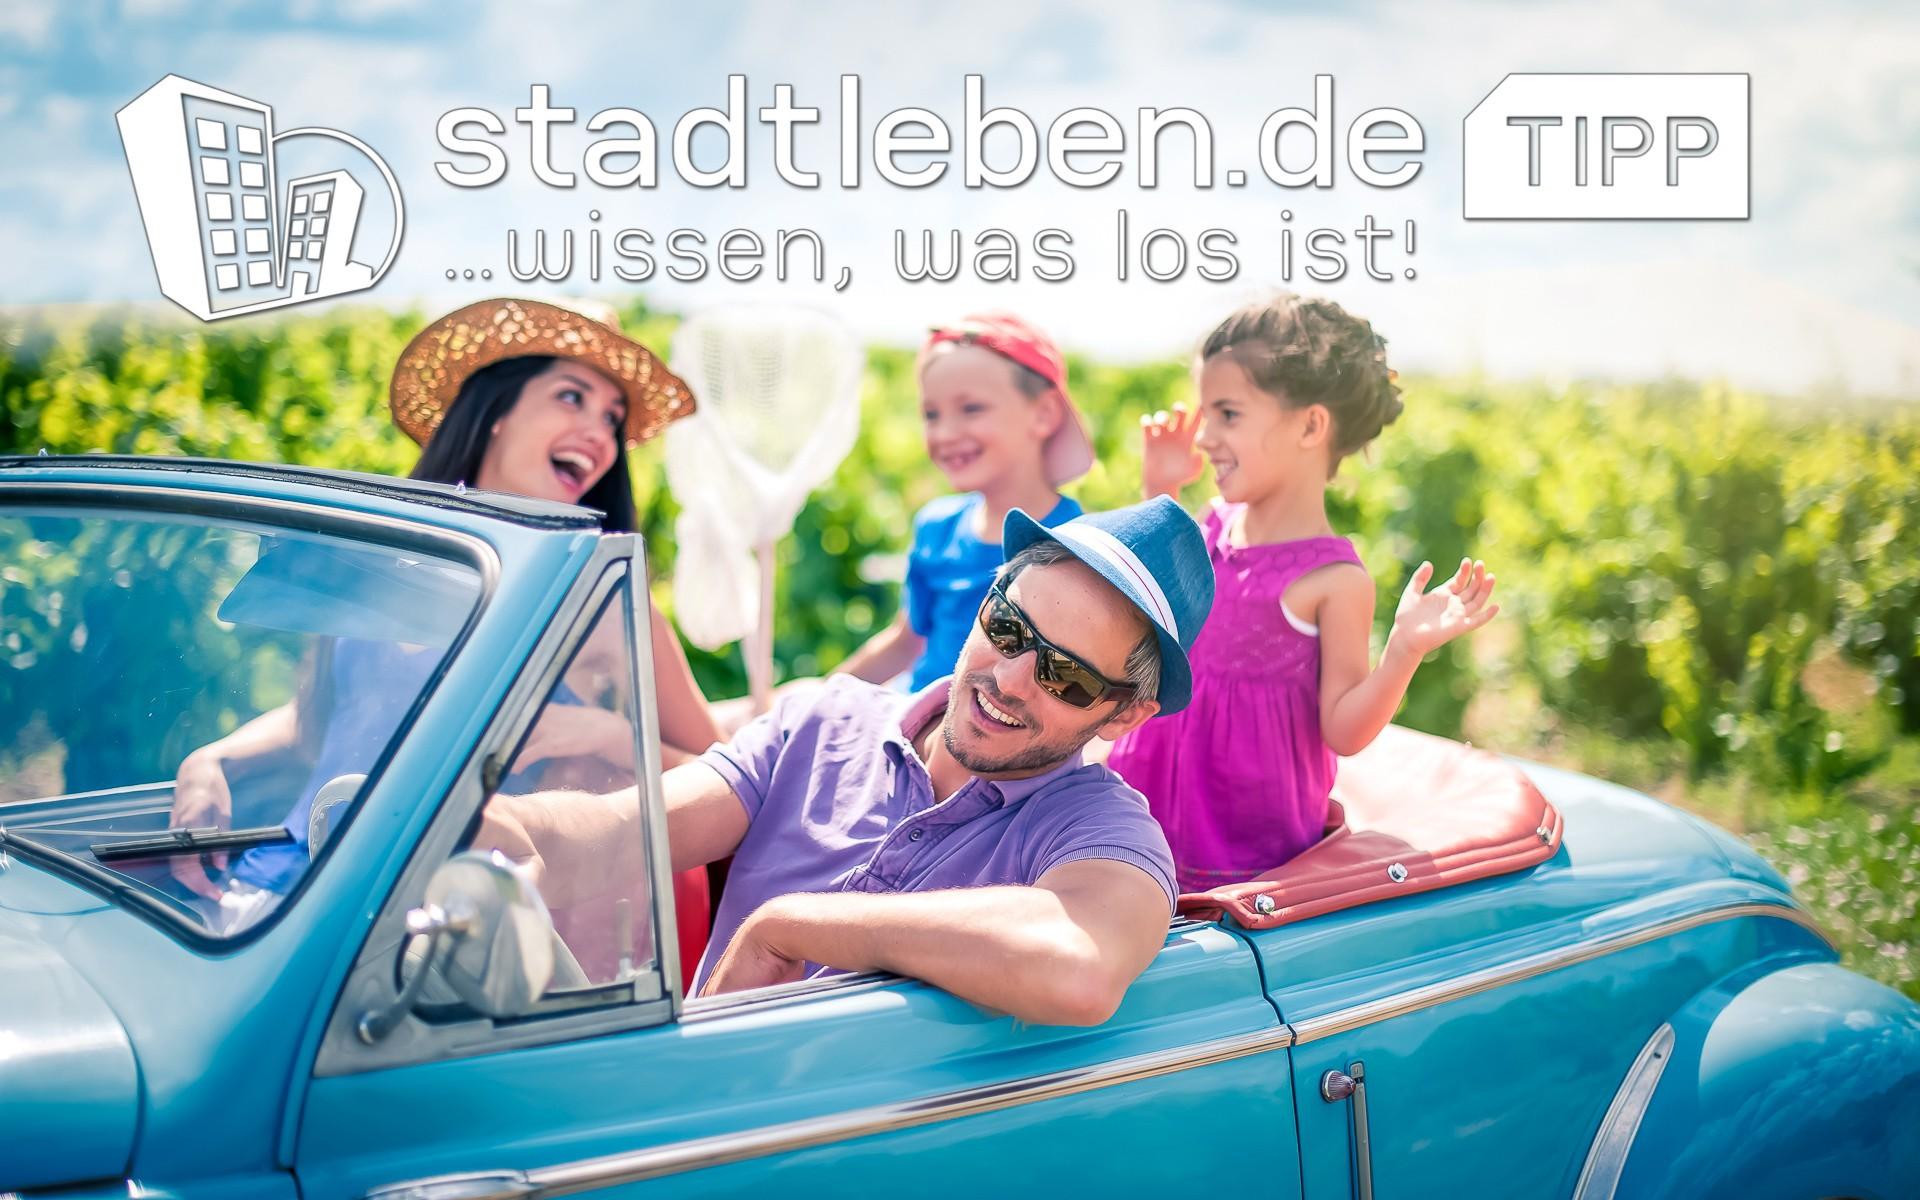 Cabrio, Vater, Mutter, Junge, Mädchen, Köcher, Urlaub, Auto, fahren, Ausflug, Familie, Kinder, Freizeit, Rhein-Main, Frankfurt, Mainz, Wiesbaden, Darmstadt, Rheingau